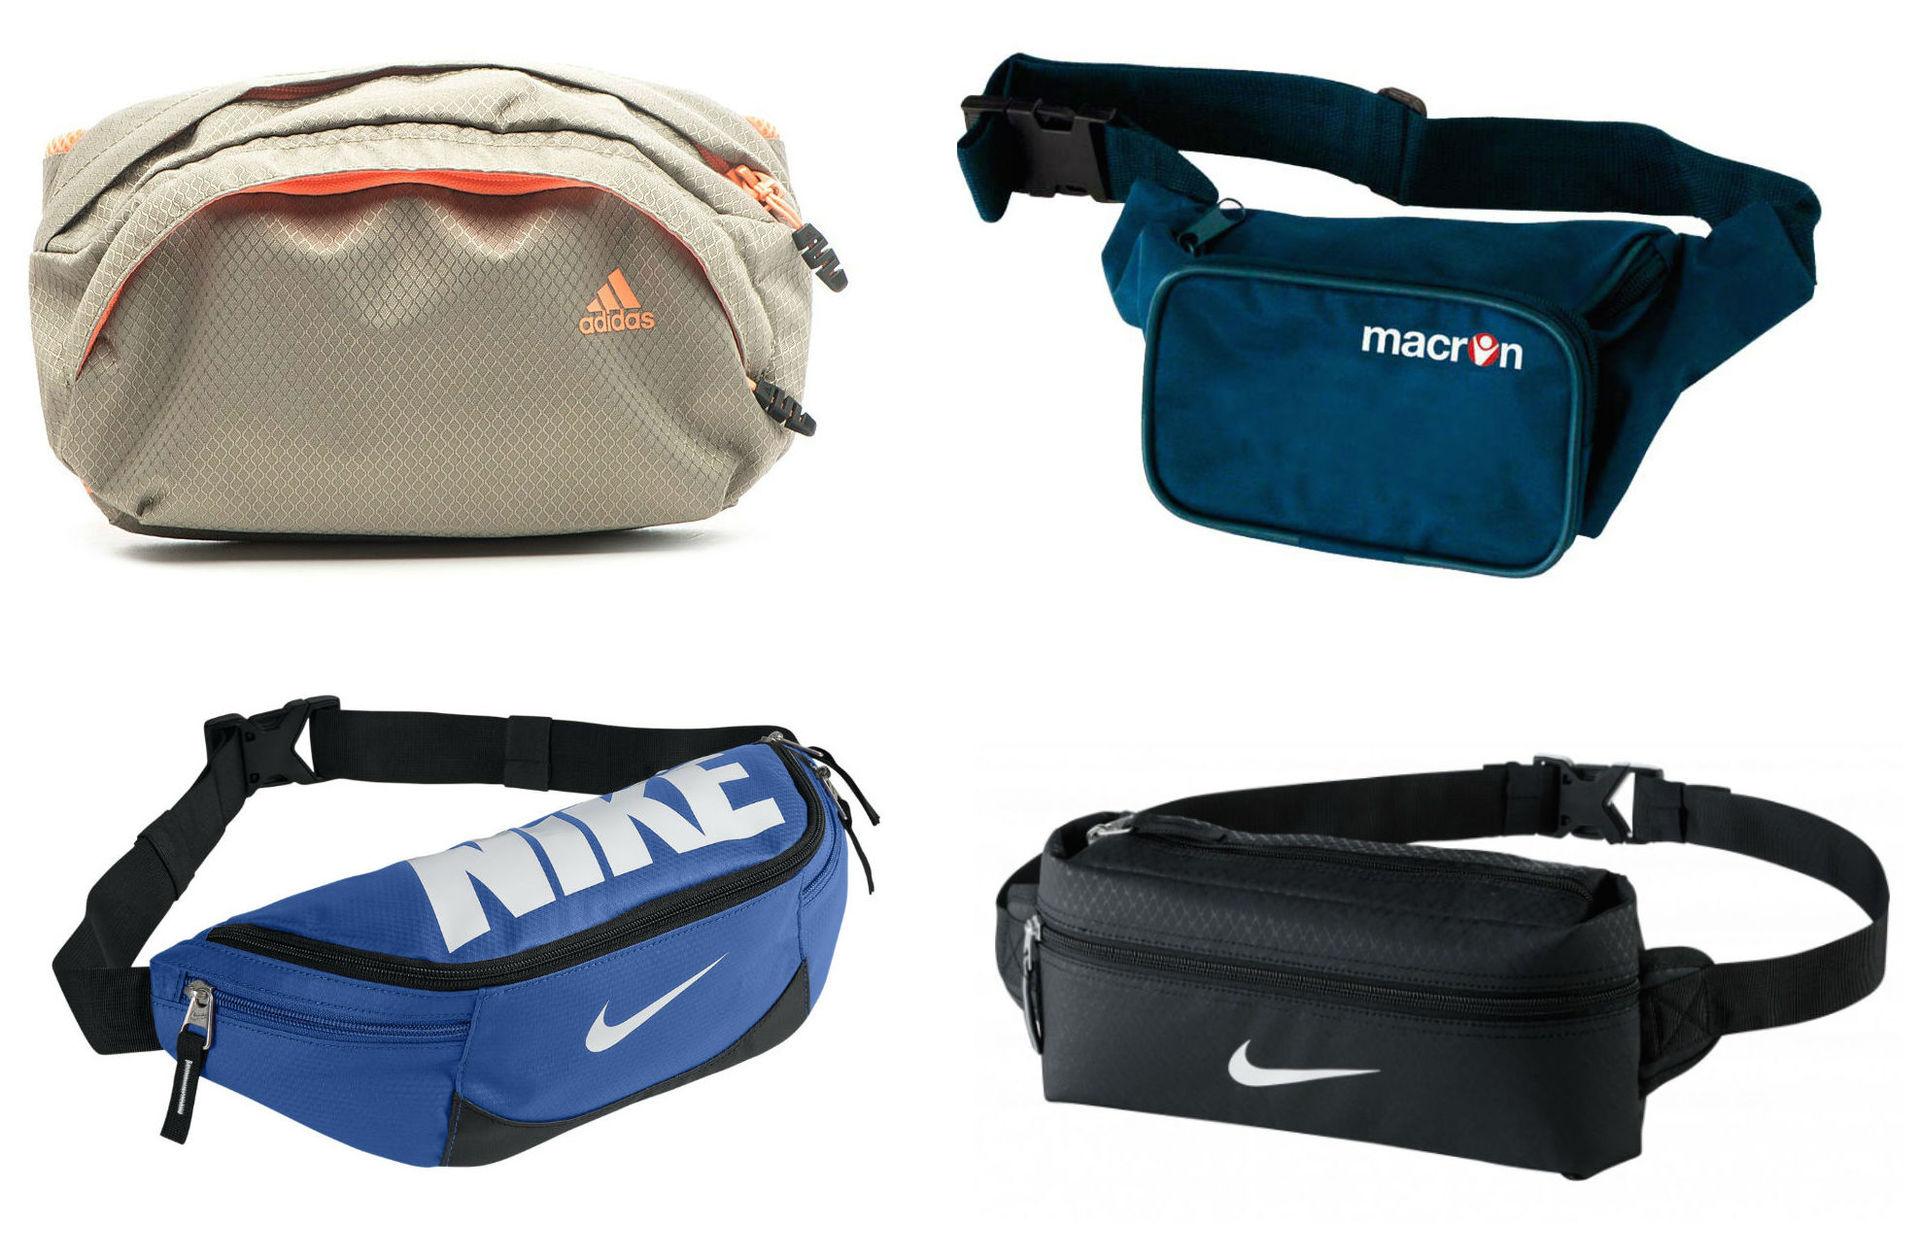 Обзор не гаджета. Выбираем лучший чехол для тренировок и другие аксессуары для смартфонов: повязки, сумки и силиконовый карман Adidas - 2